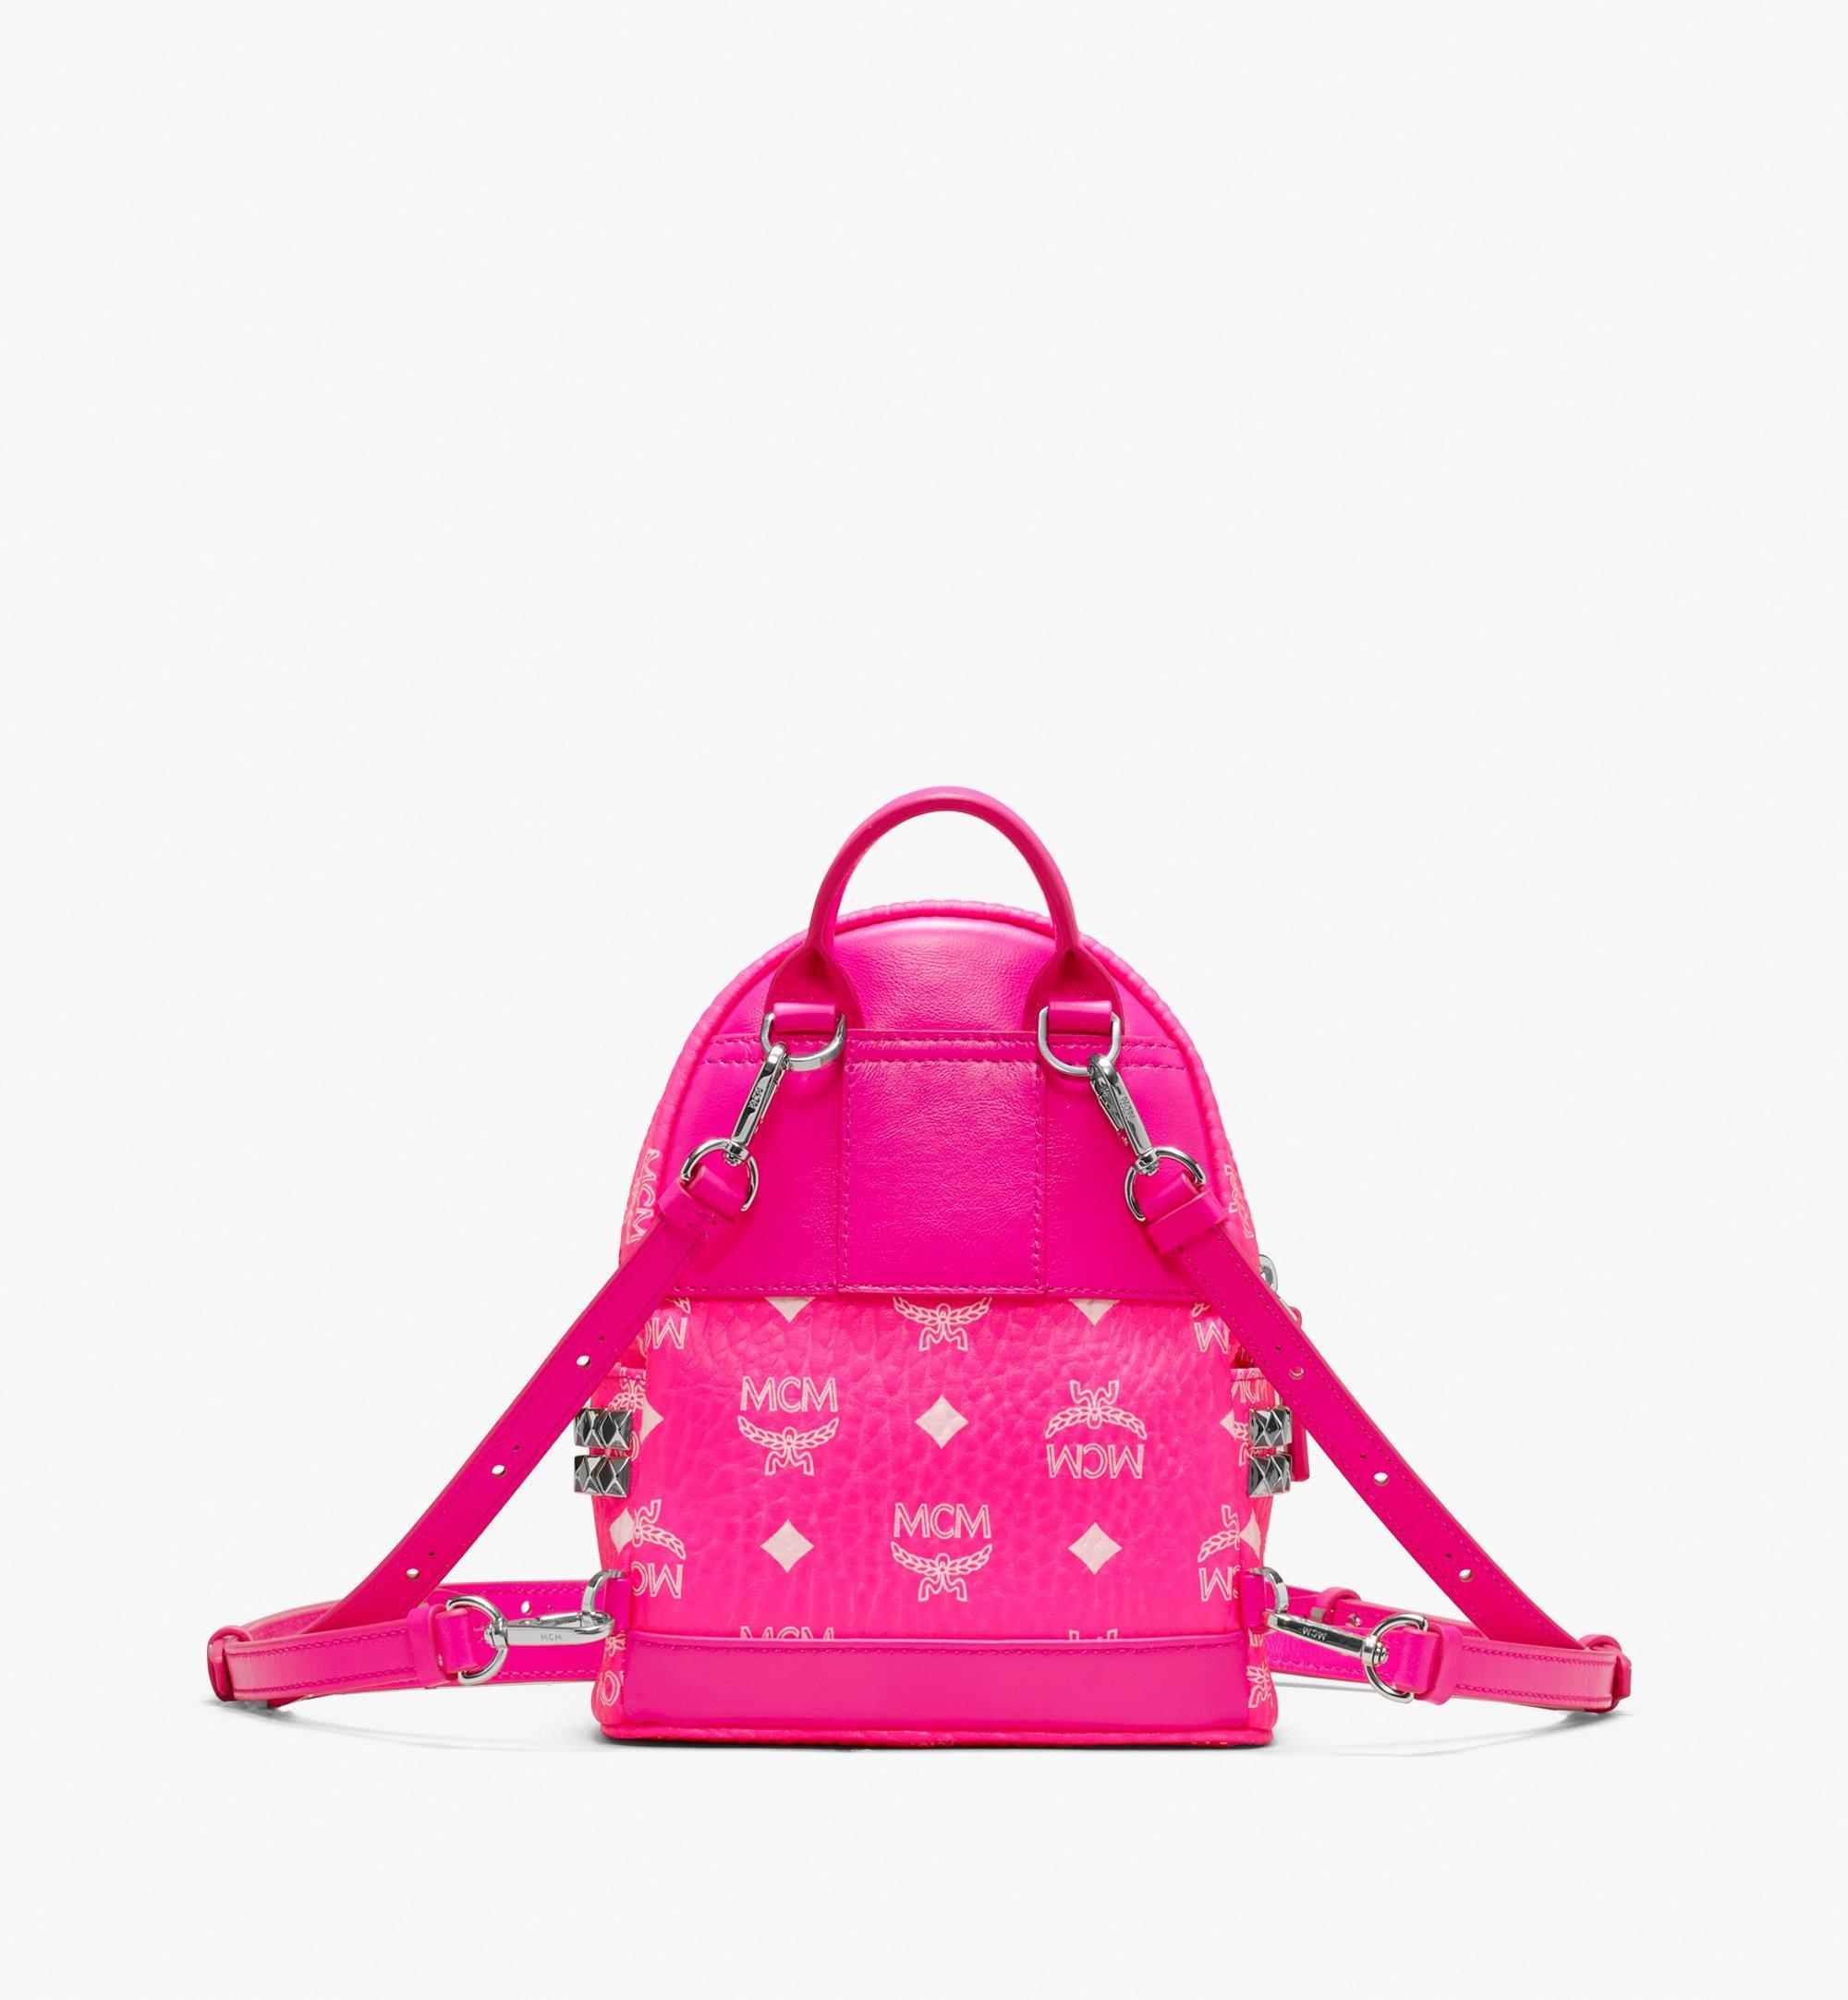 20 cm 8 in Stark Backpack in Neon Visetos Neon Pink | MCM® DE